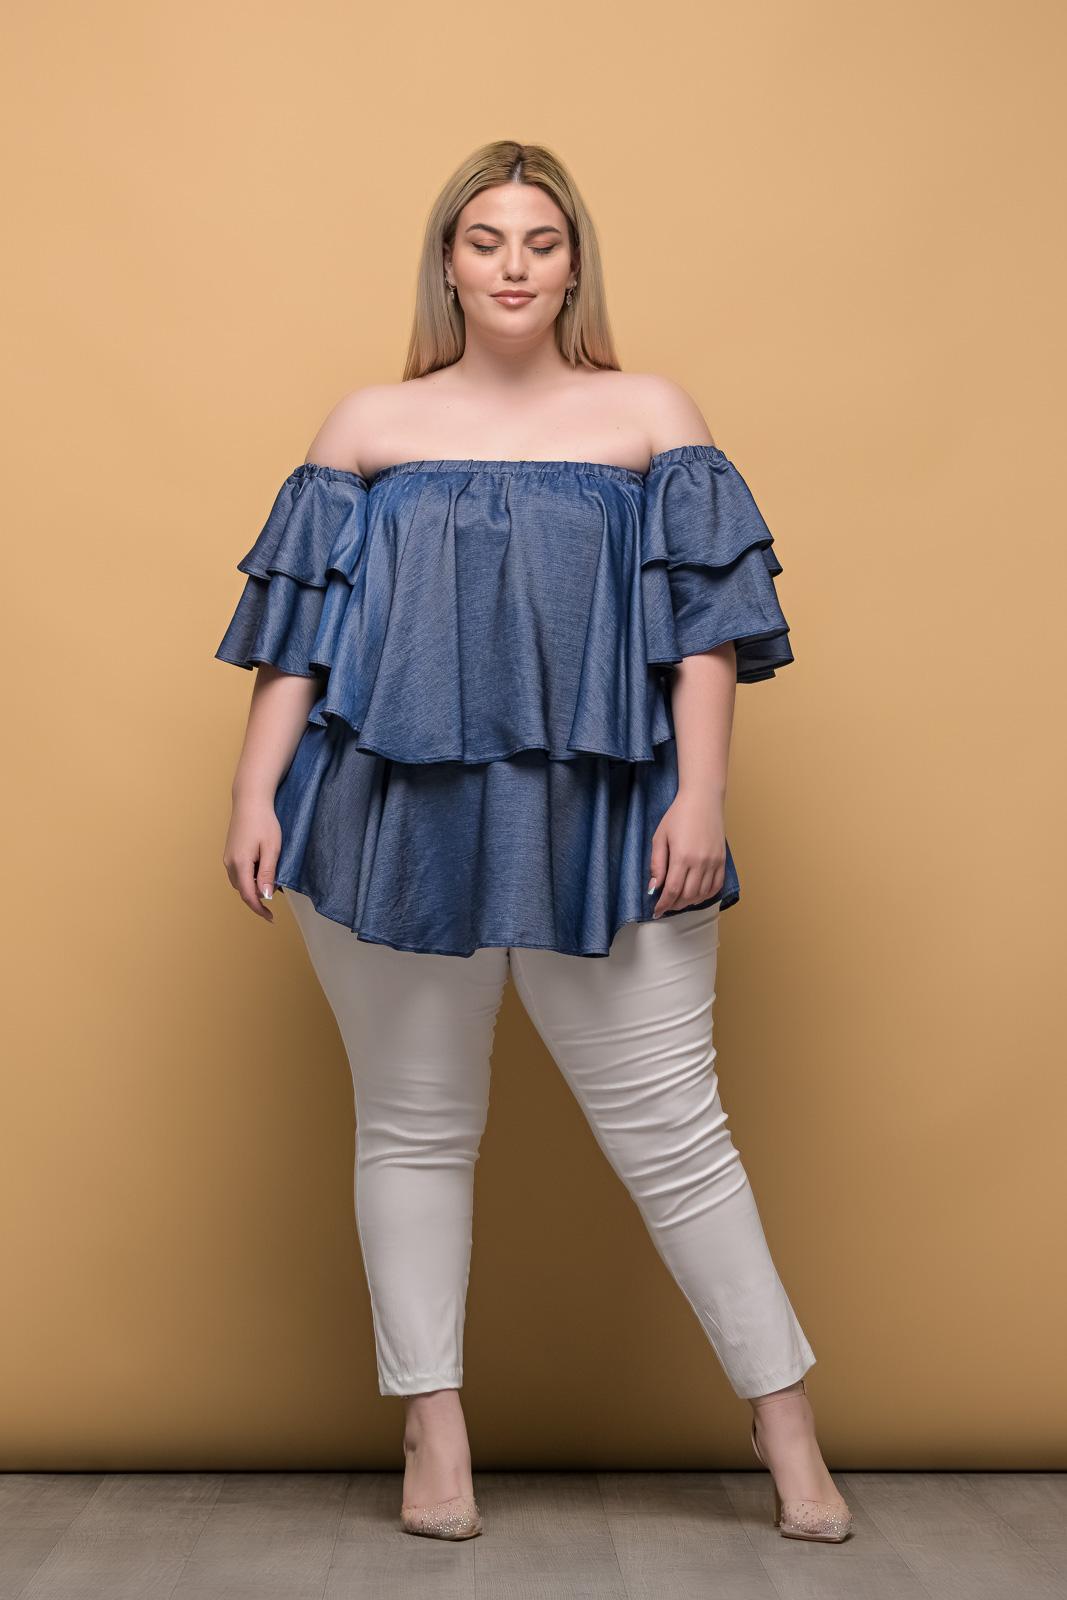 Στράπλες μεγάλα μεγέθη τζιν με βολάν στο μανίκι.Στο eshop μας θα βρείτε οικονομικά γυναίκεια ρούχα σε μεγάλα μεγέθη και υπερμεγέθη.